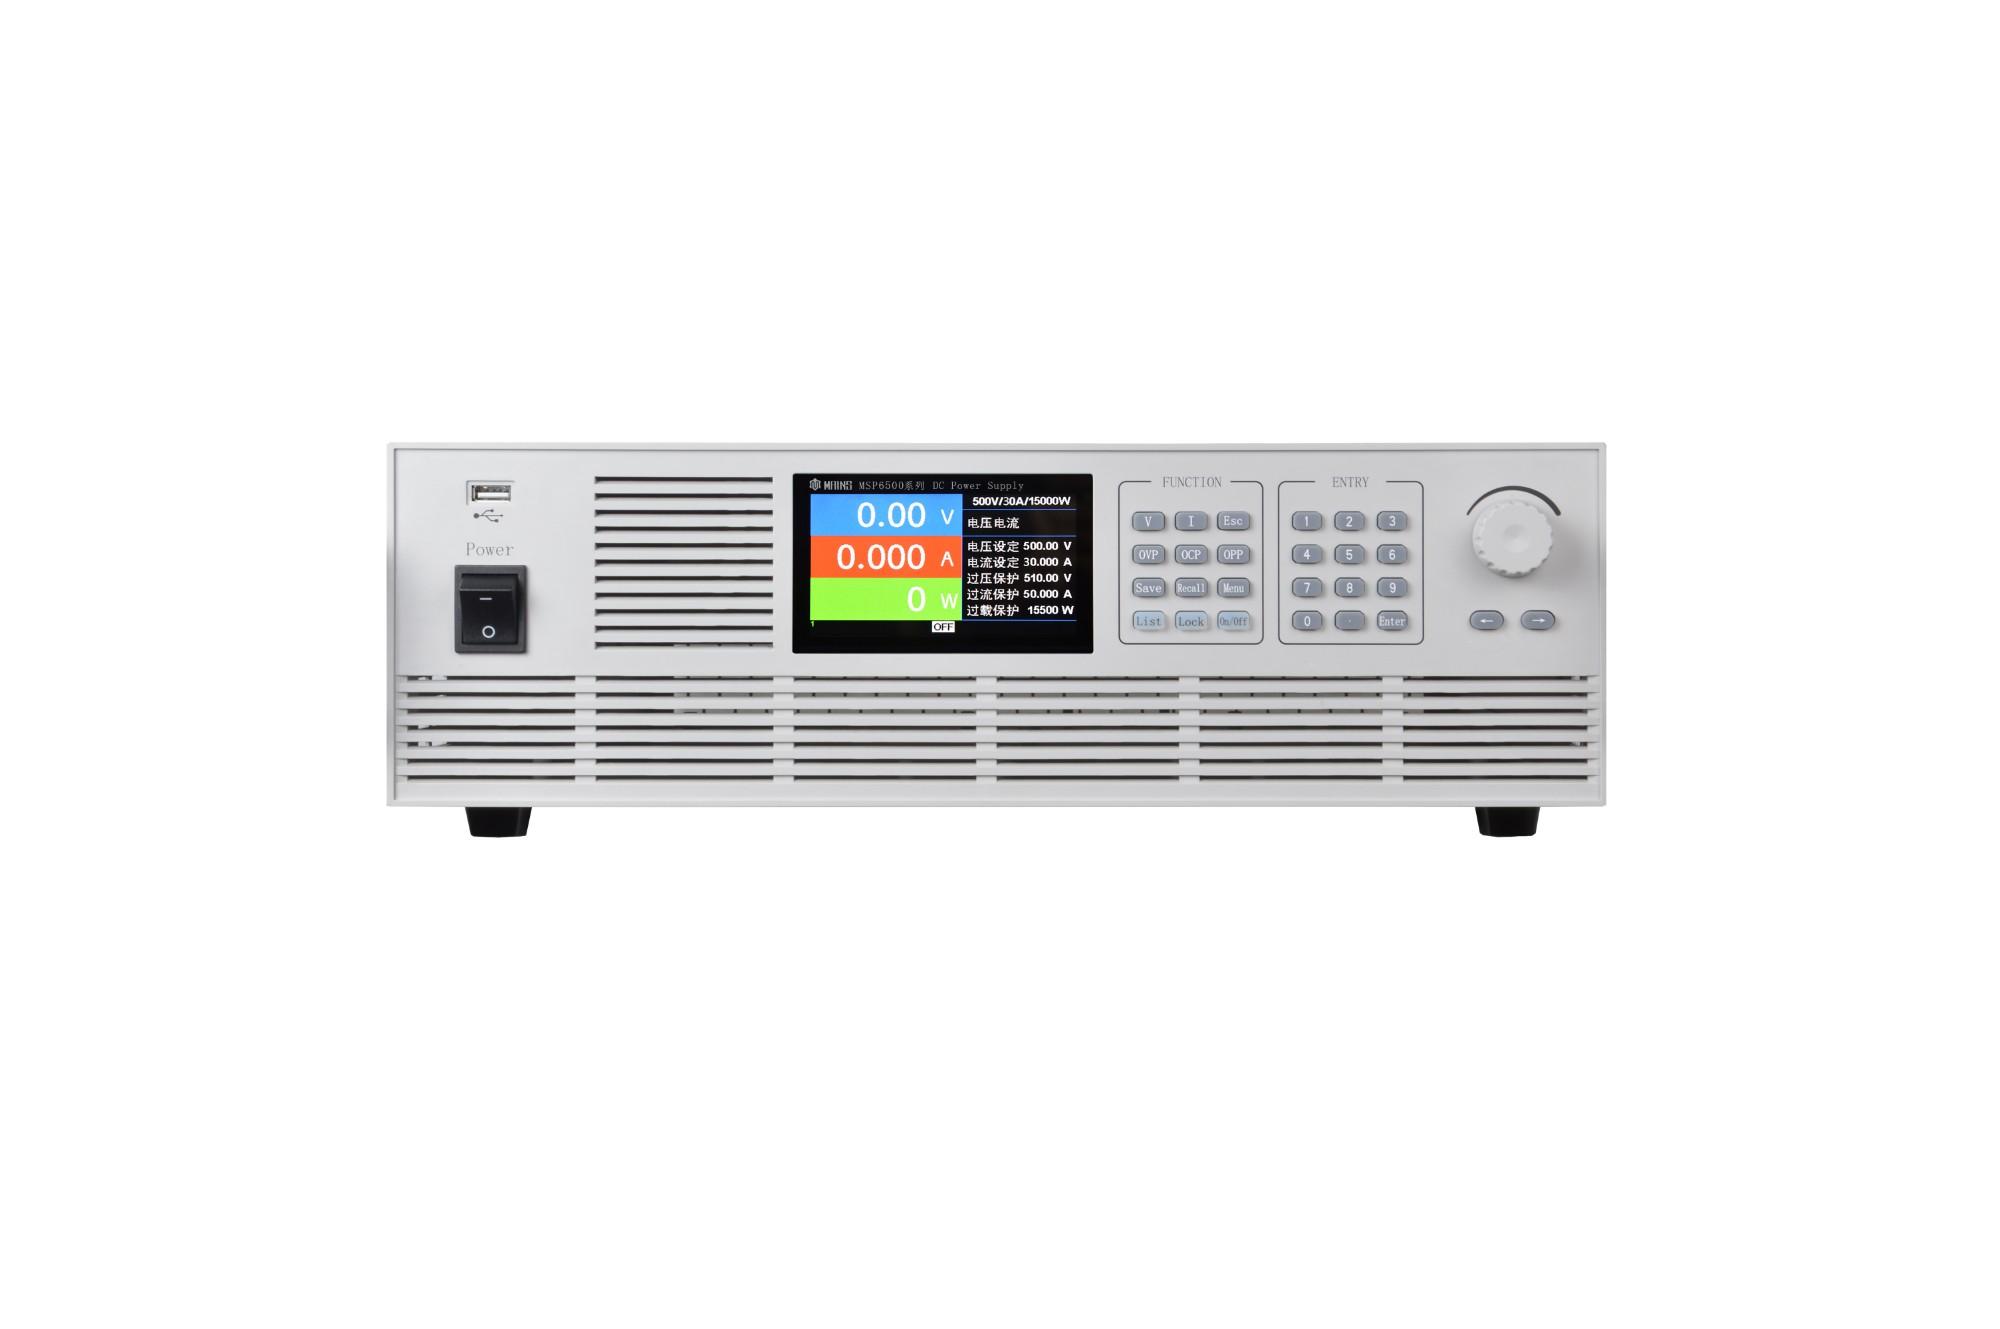 直流电源,直流稳压电源,大功率直流电源,程控直流电源,数控直流电源